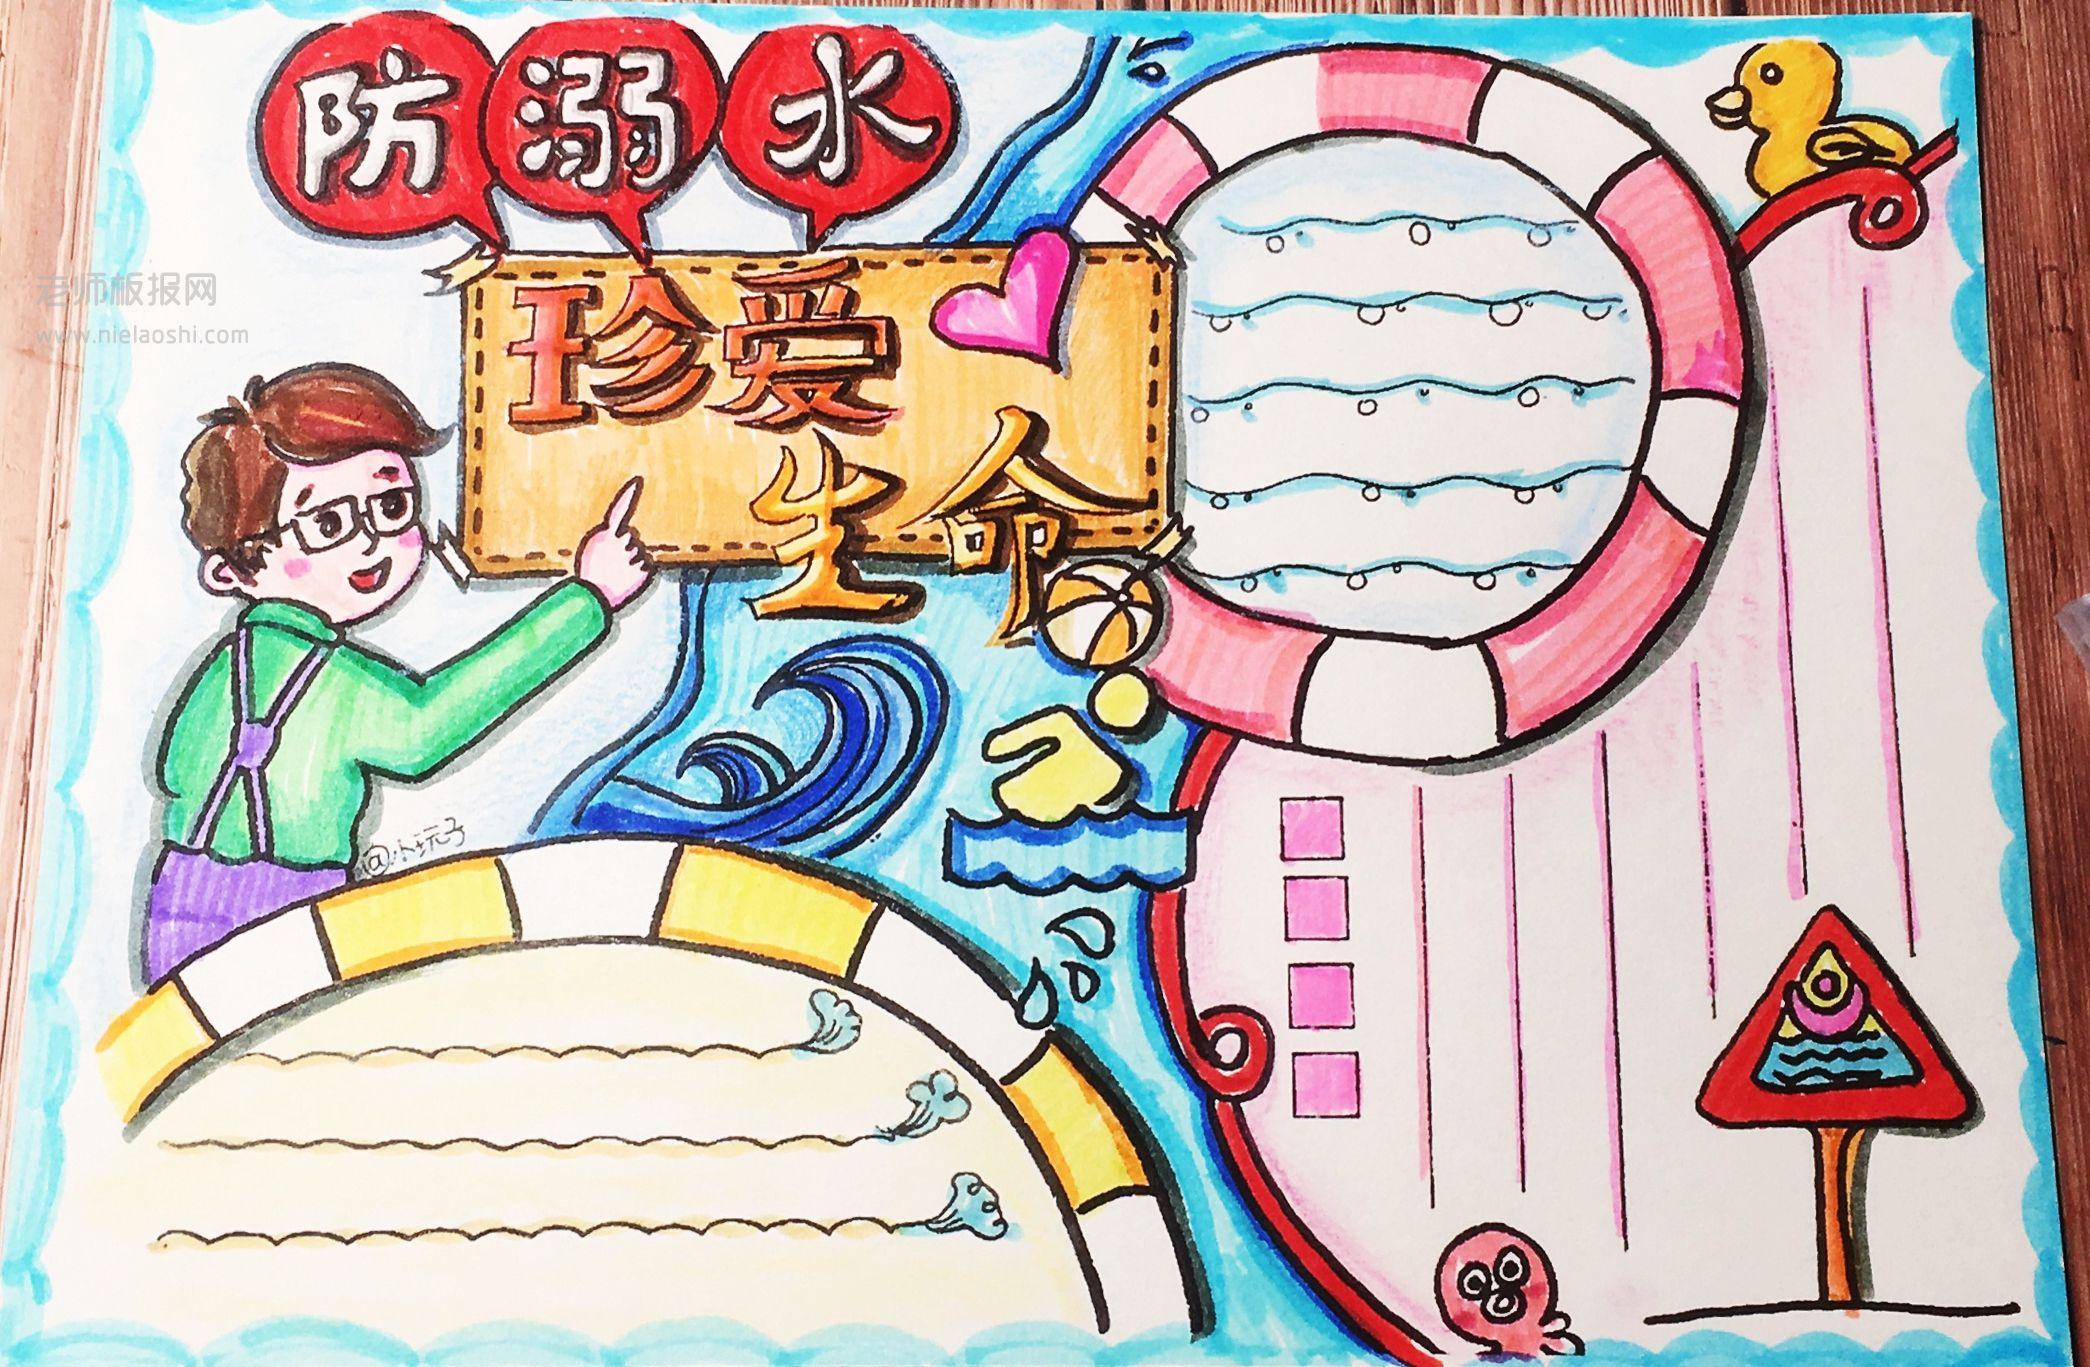 防溺水珍爱生命手抄报版面设计图